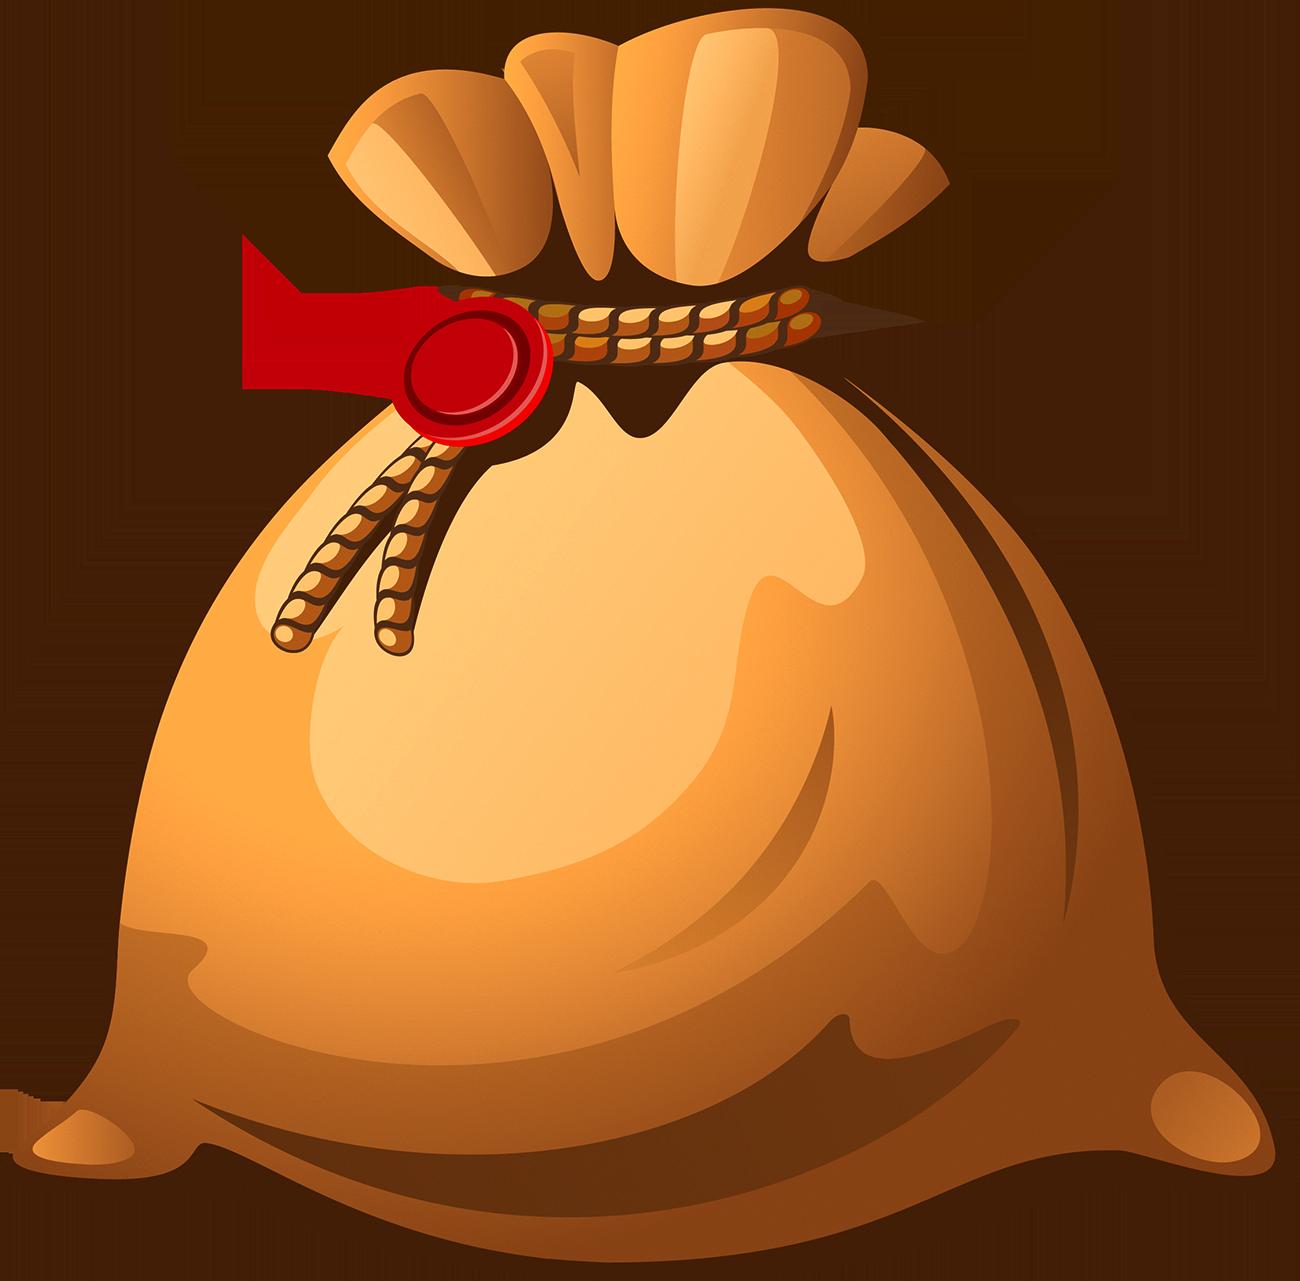 Flour clipart sack flour. Gunny money bag royalty